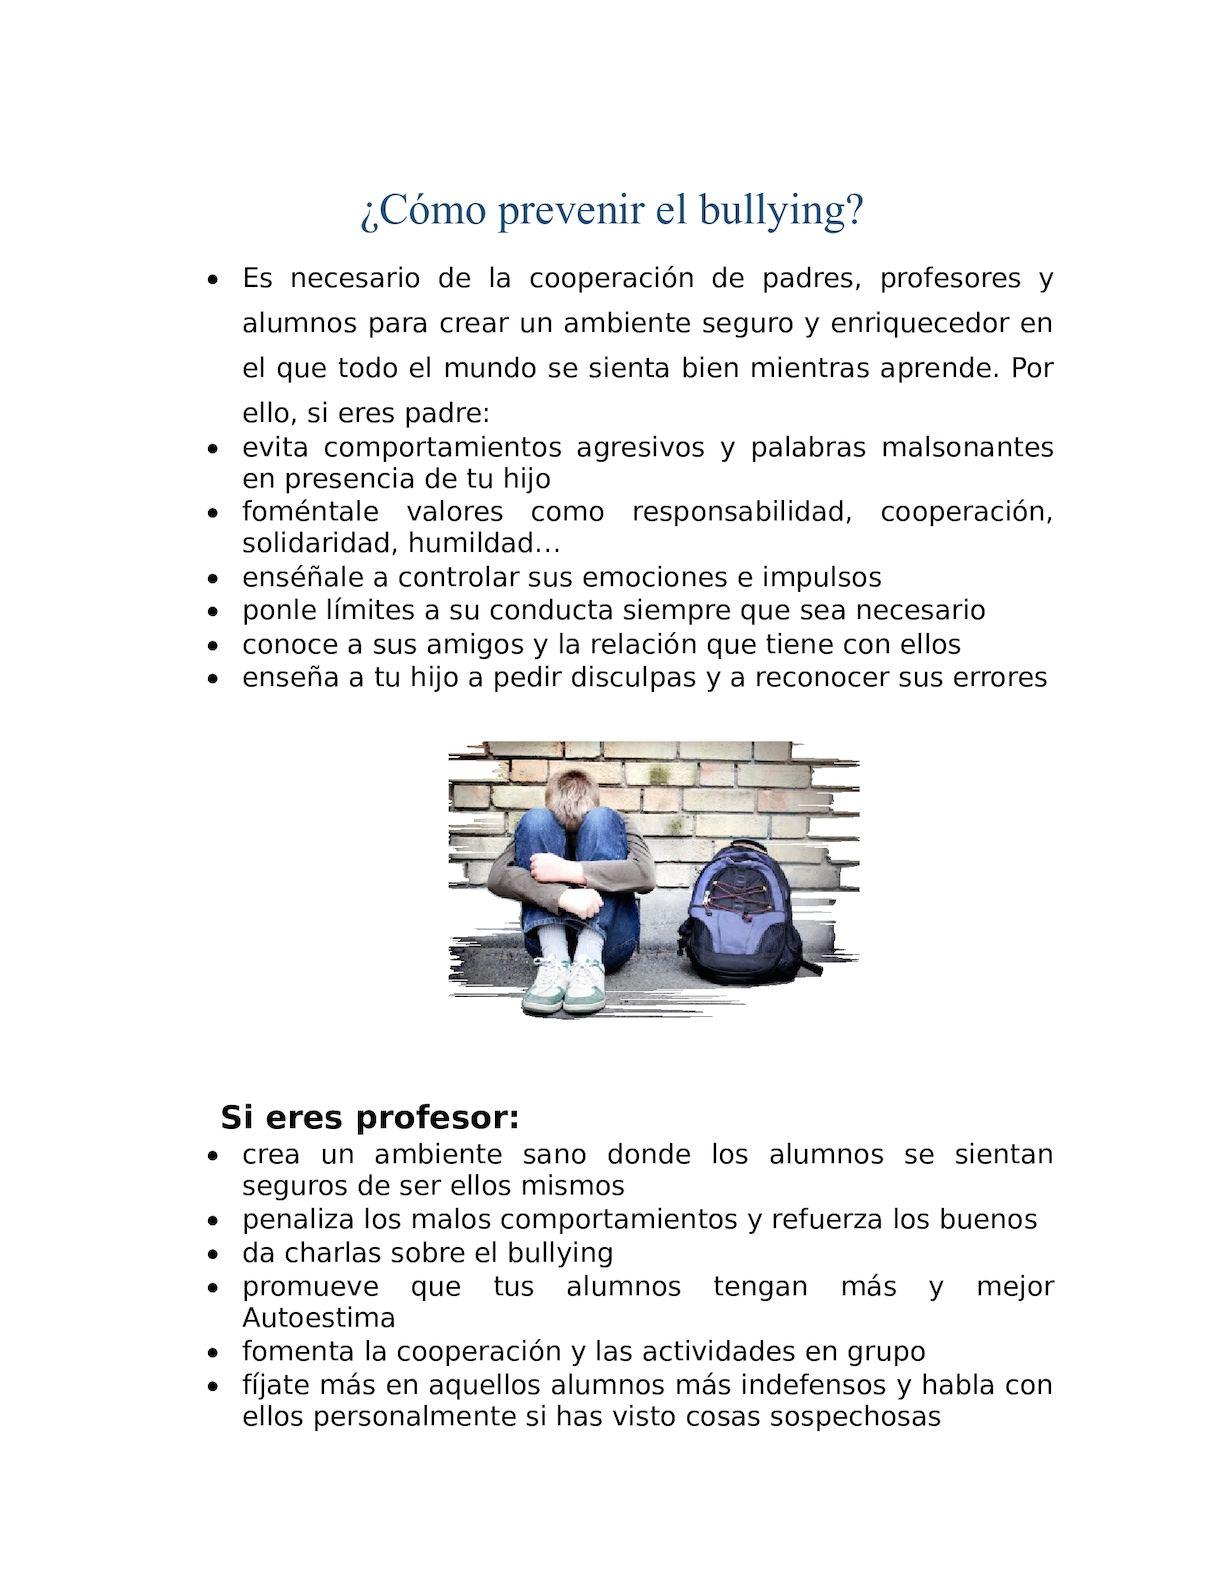 Conocer Personas Emo Quieres - 169673